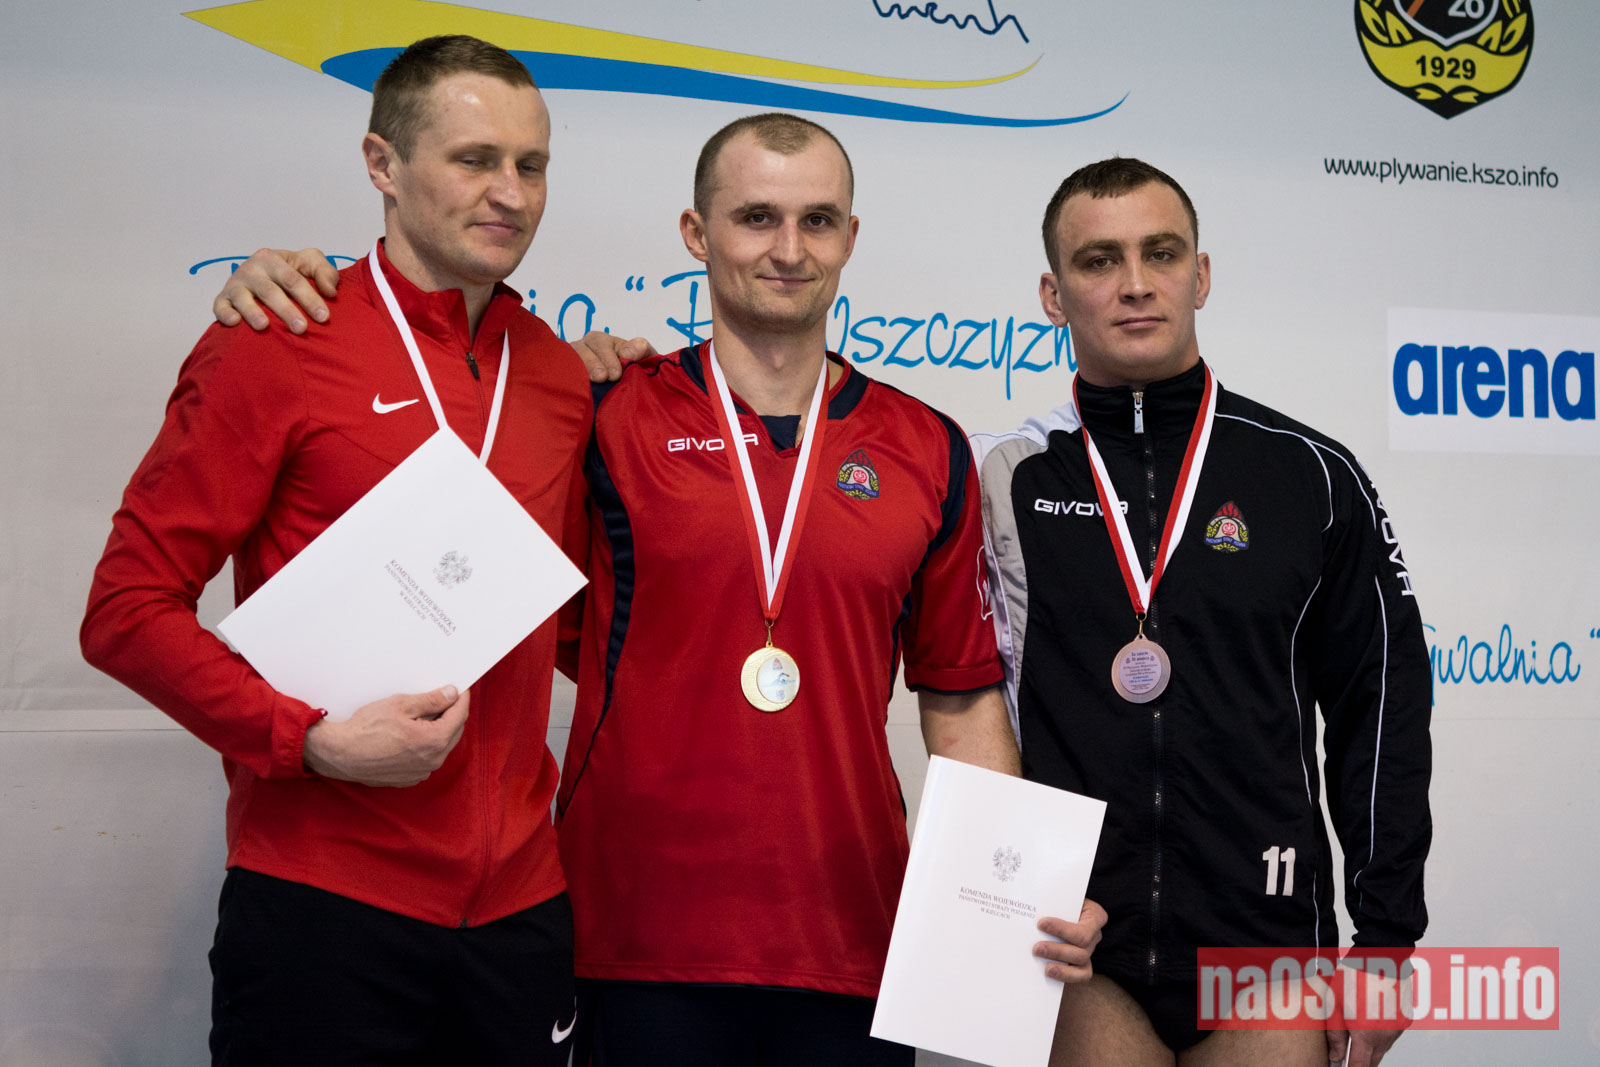 NaOSTRO pływackie zawody strażaków-16